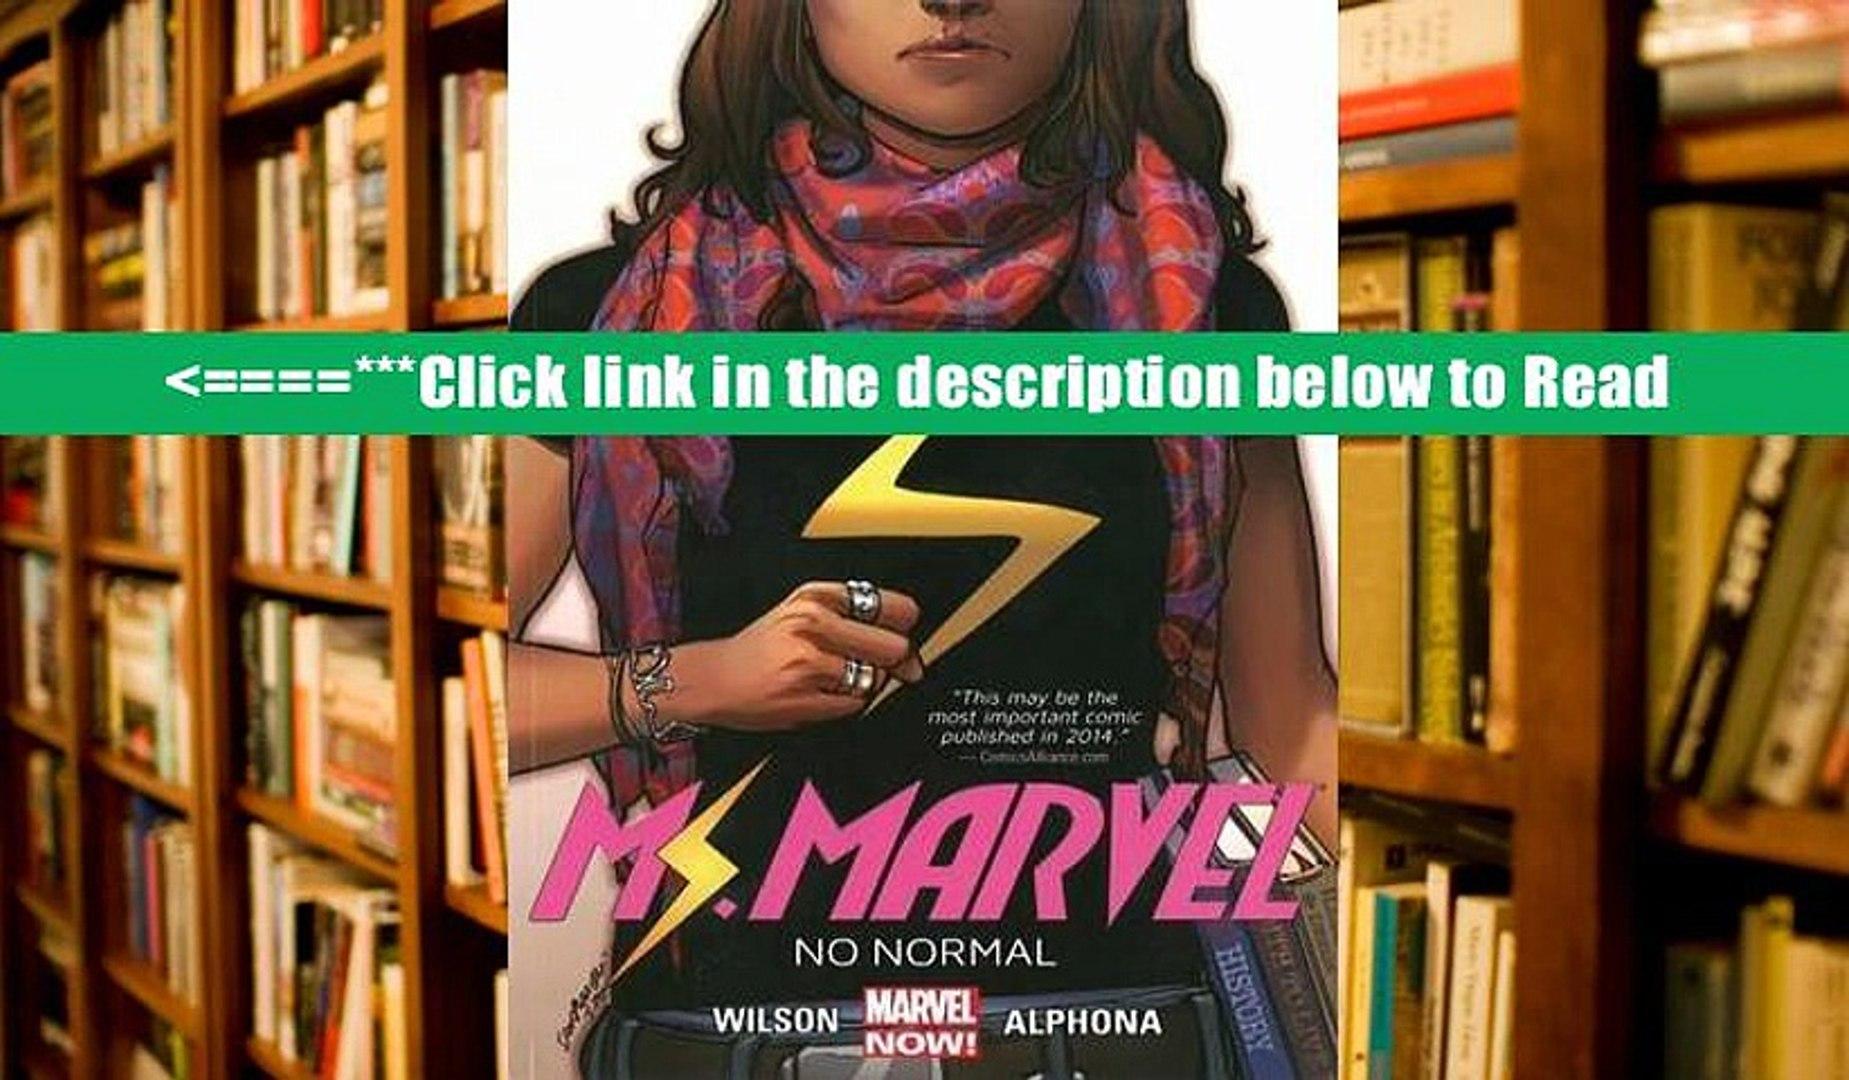 Download Ms. Marvel Volume 1: No Normal (Ms. Marvel Graphic Novels) PDFOnline Download